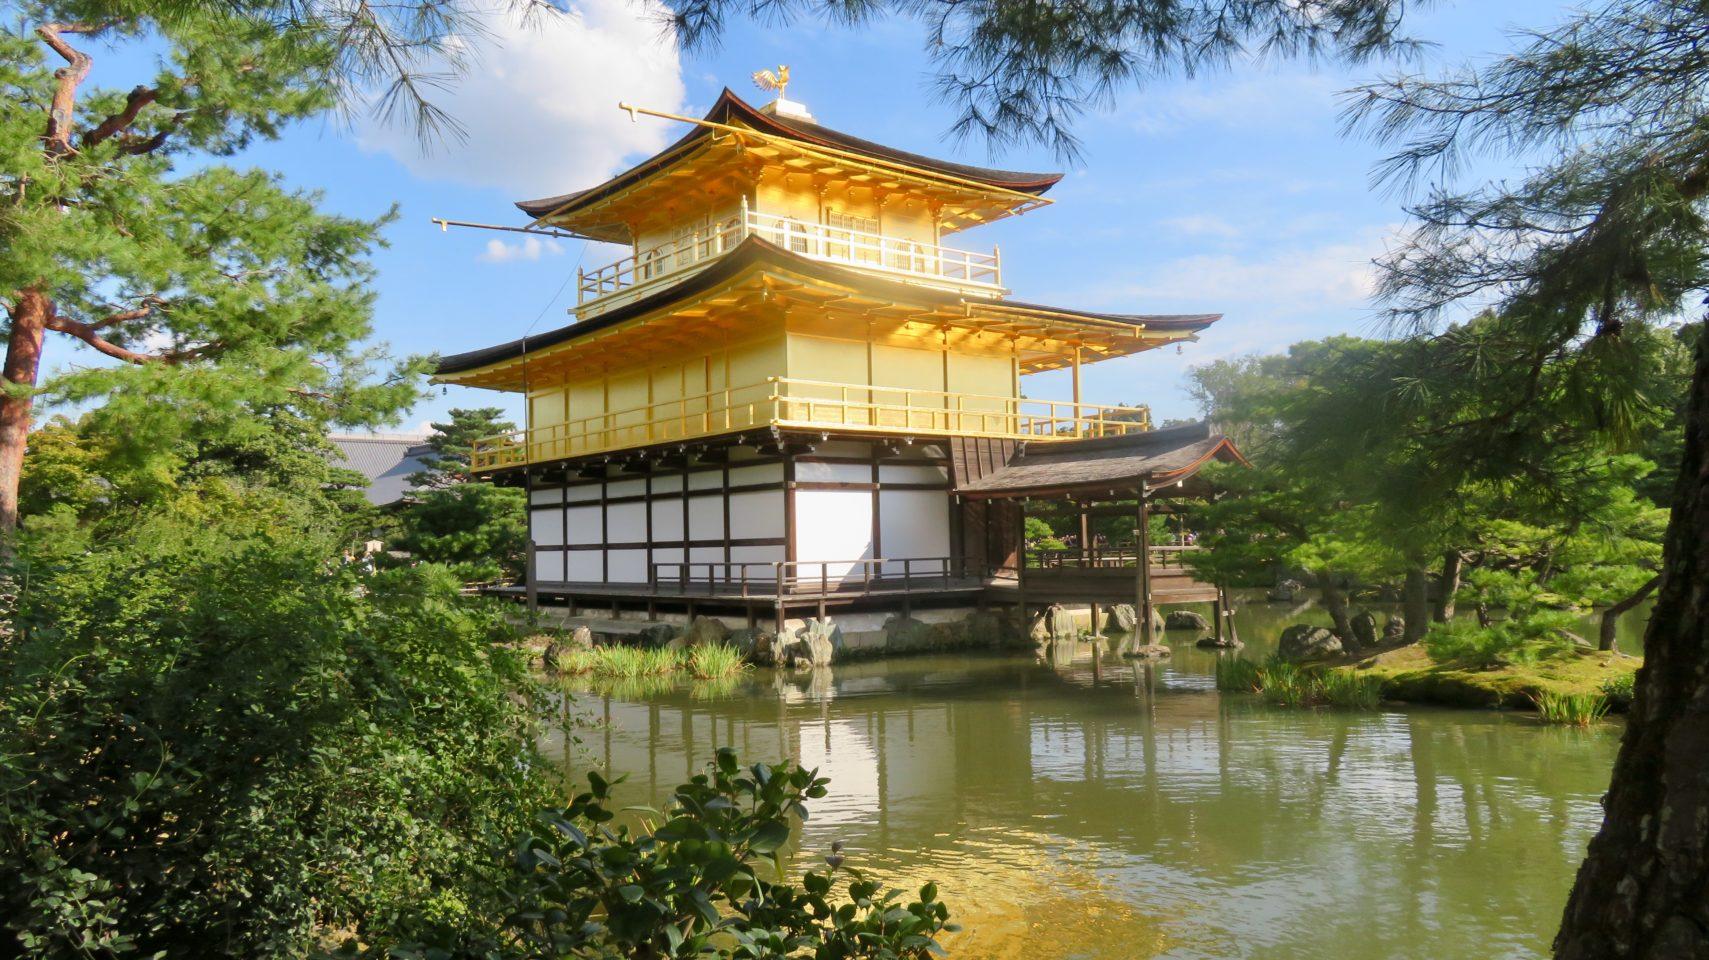 Japan Travel ~ The Golden Pavilion in Kyoto Japan